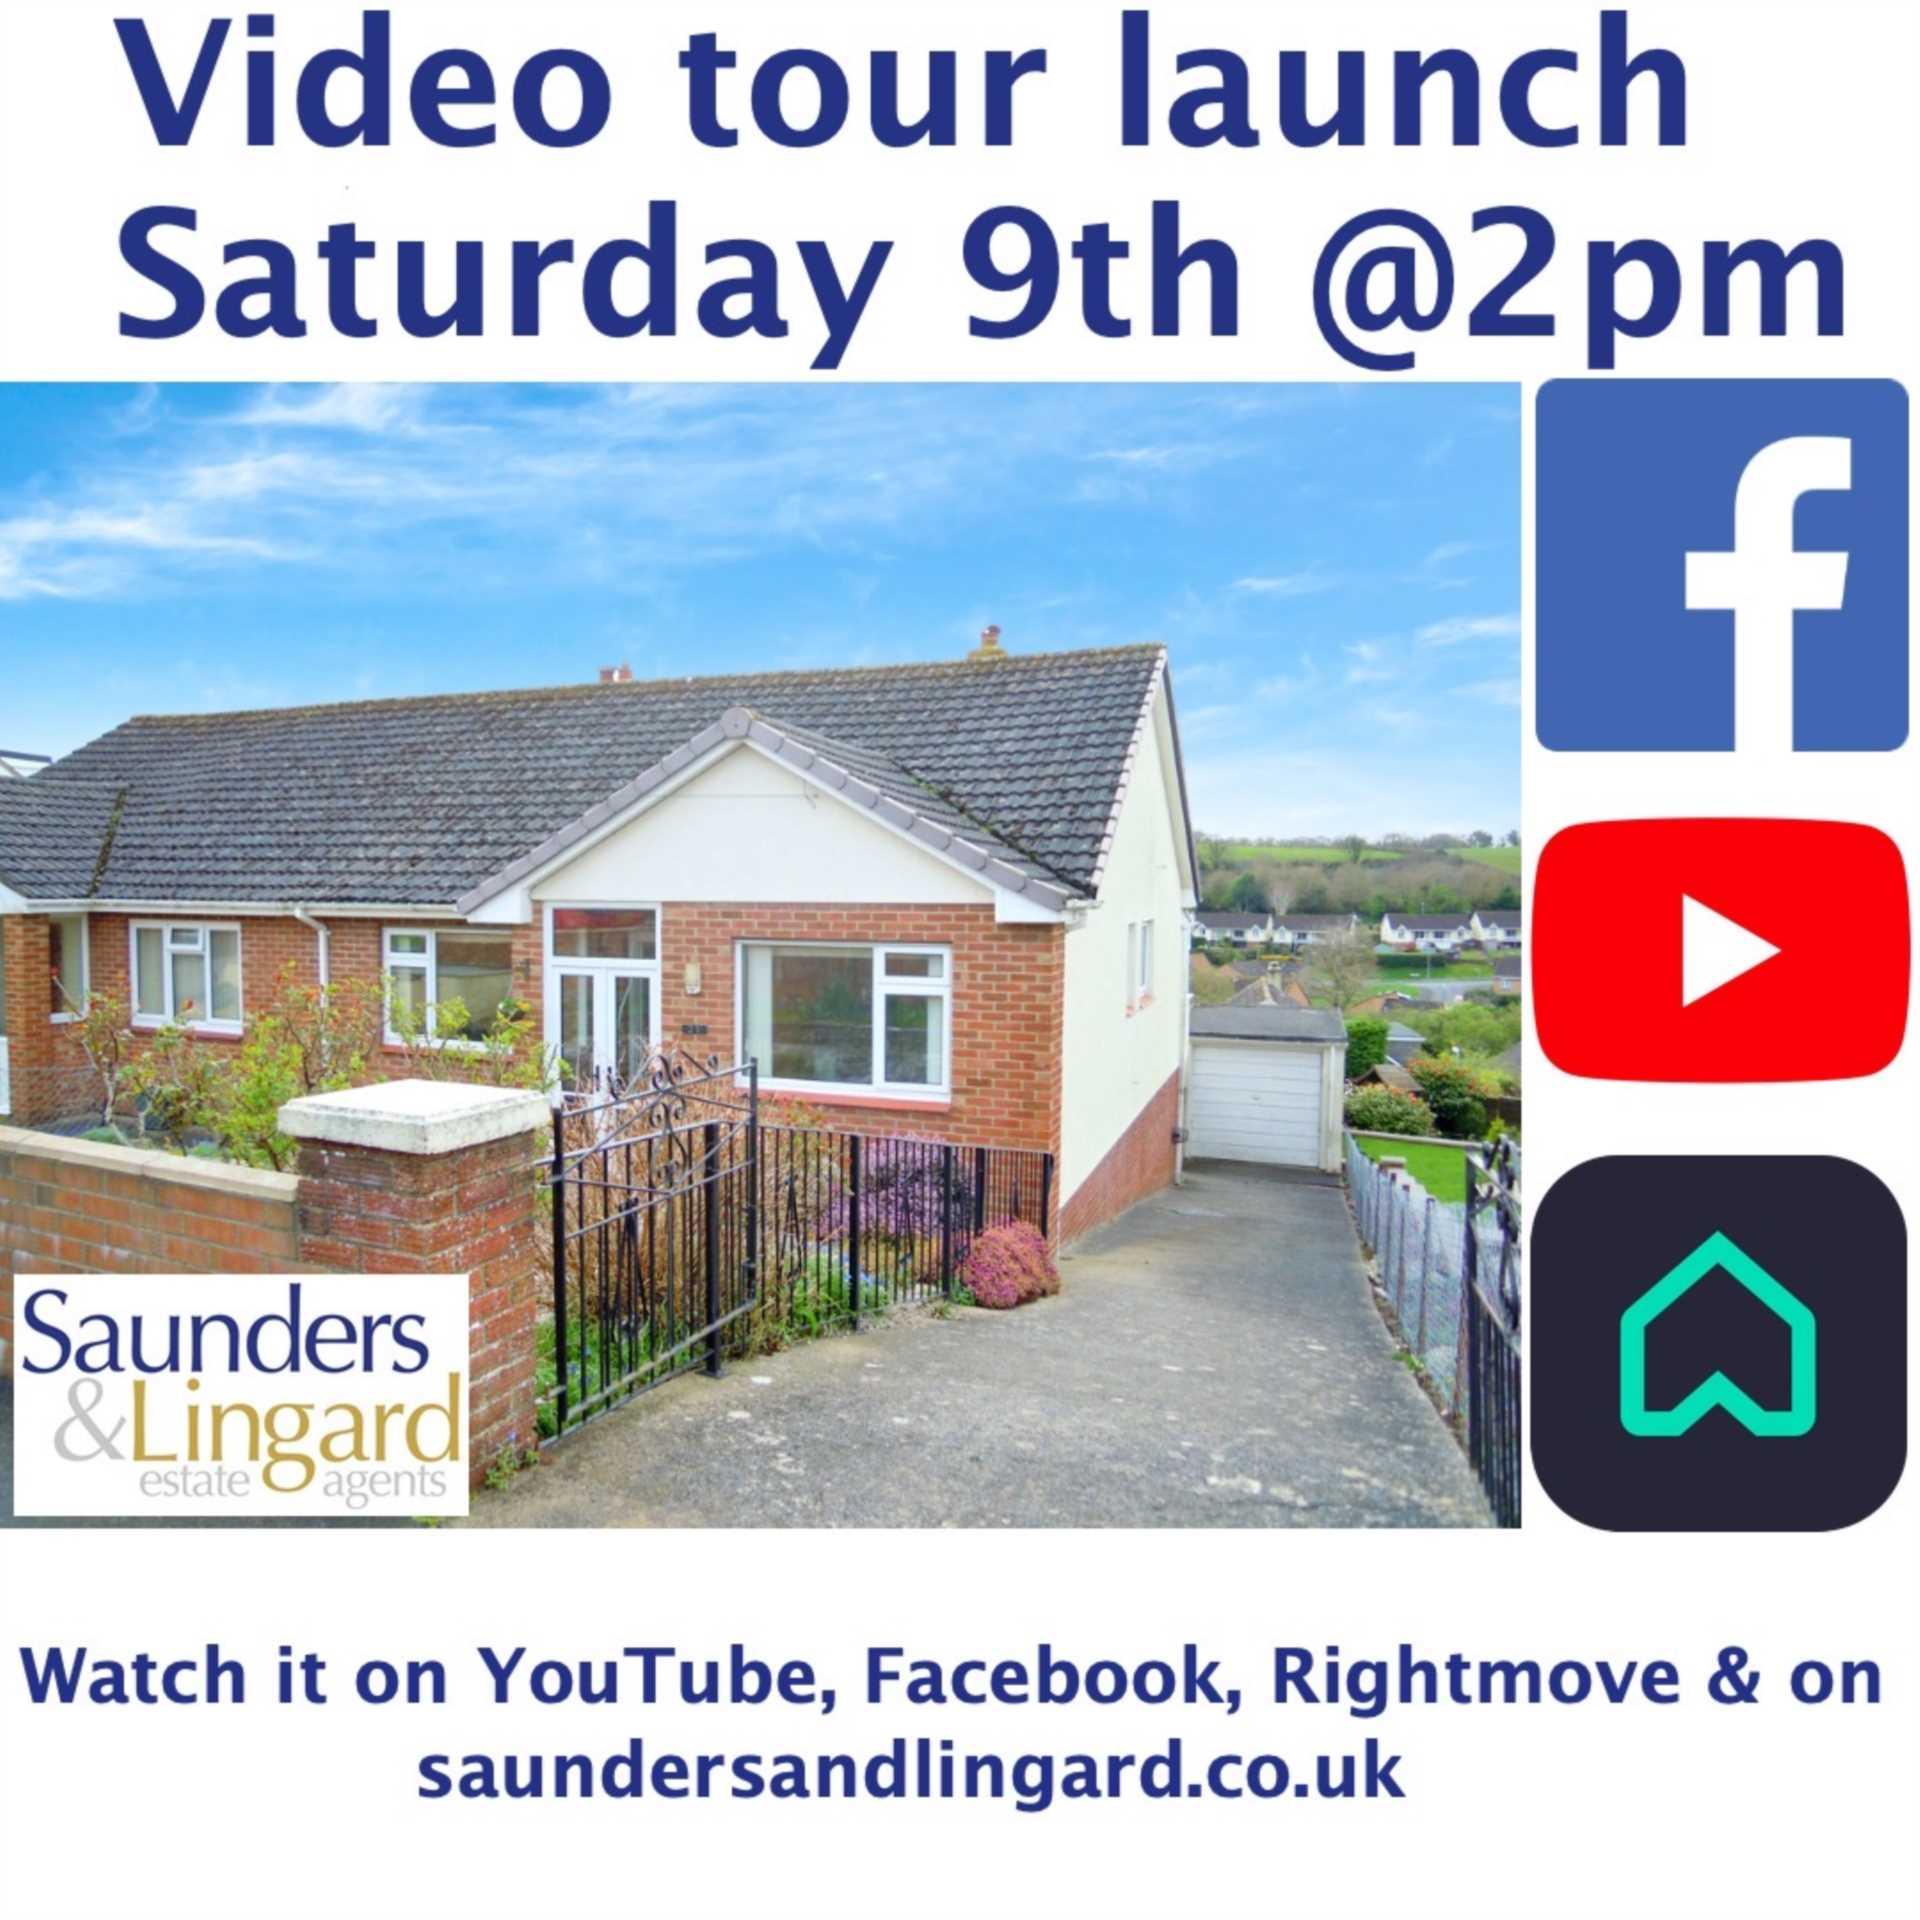 Video Tour launch